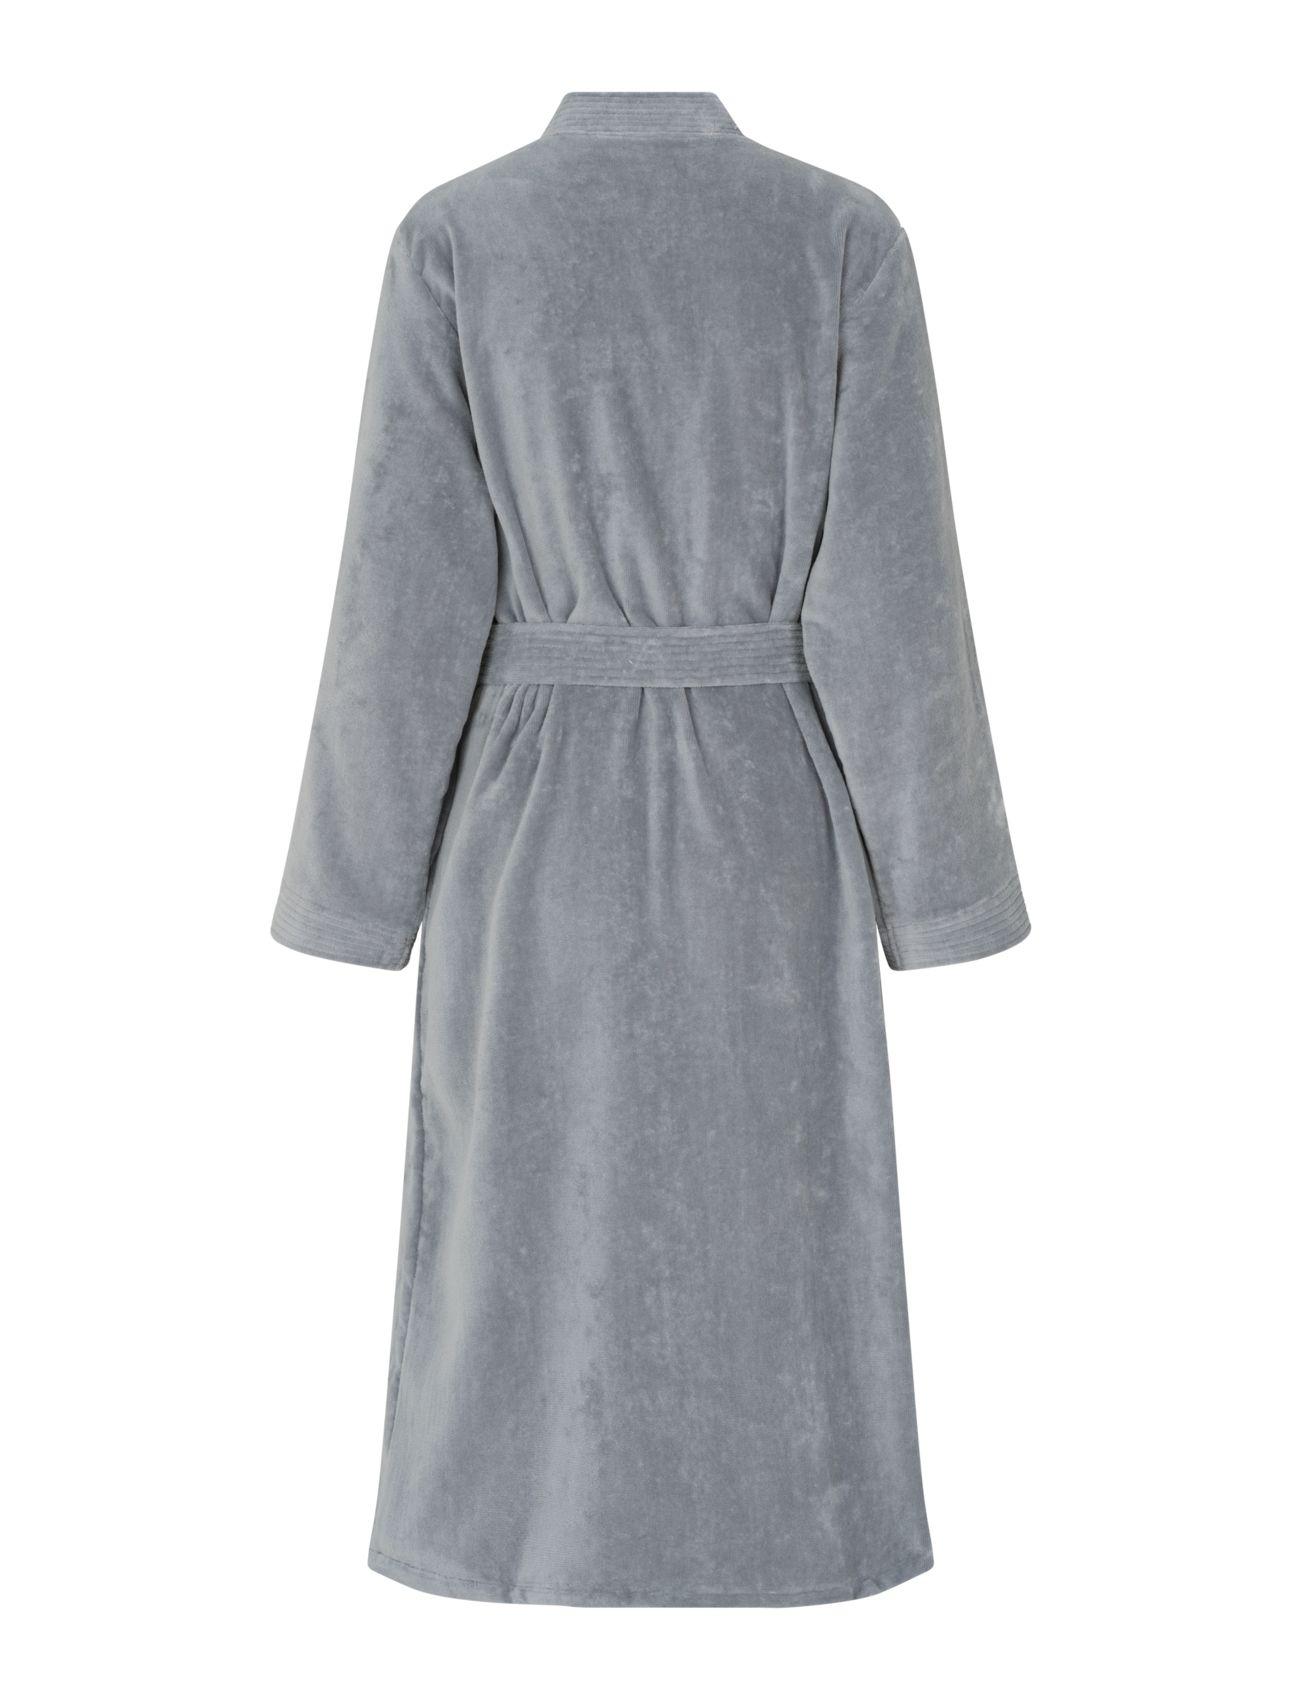 Rosemunde - robe - lingerie - charcoal grey - 1